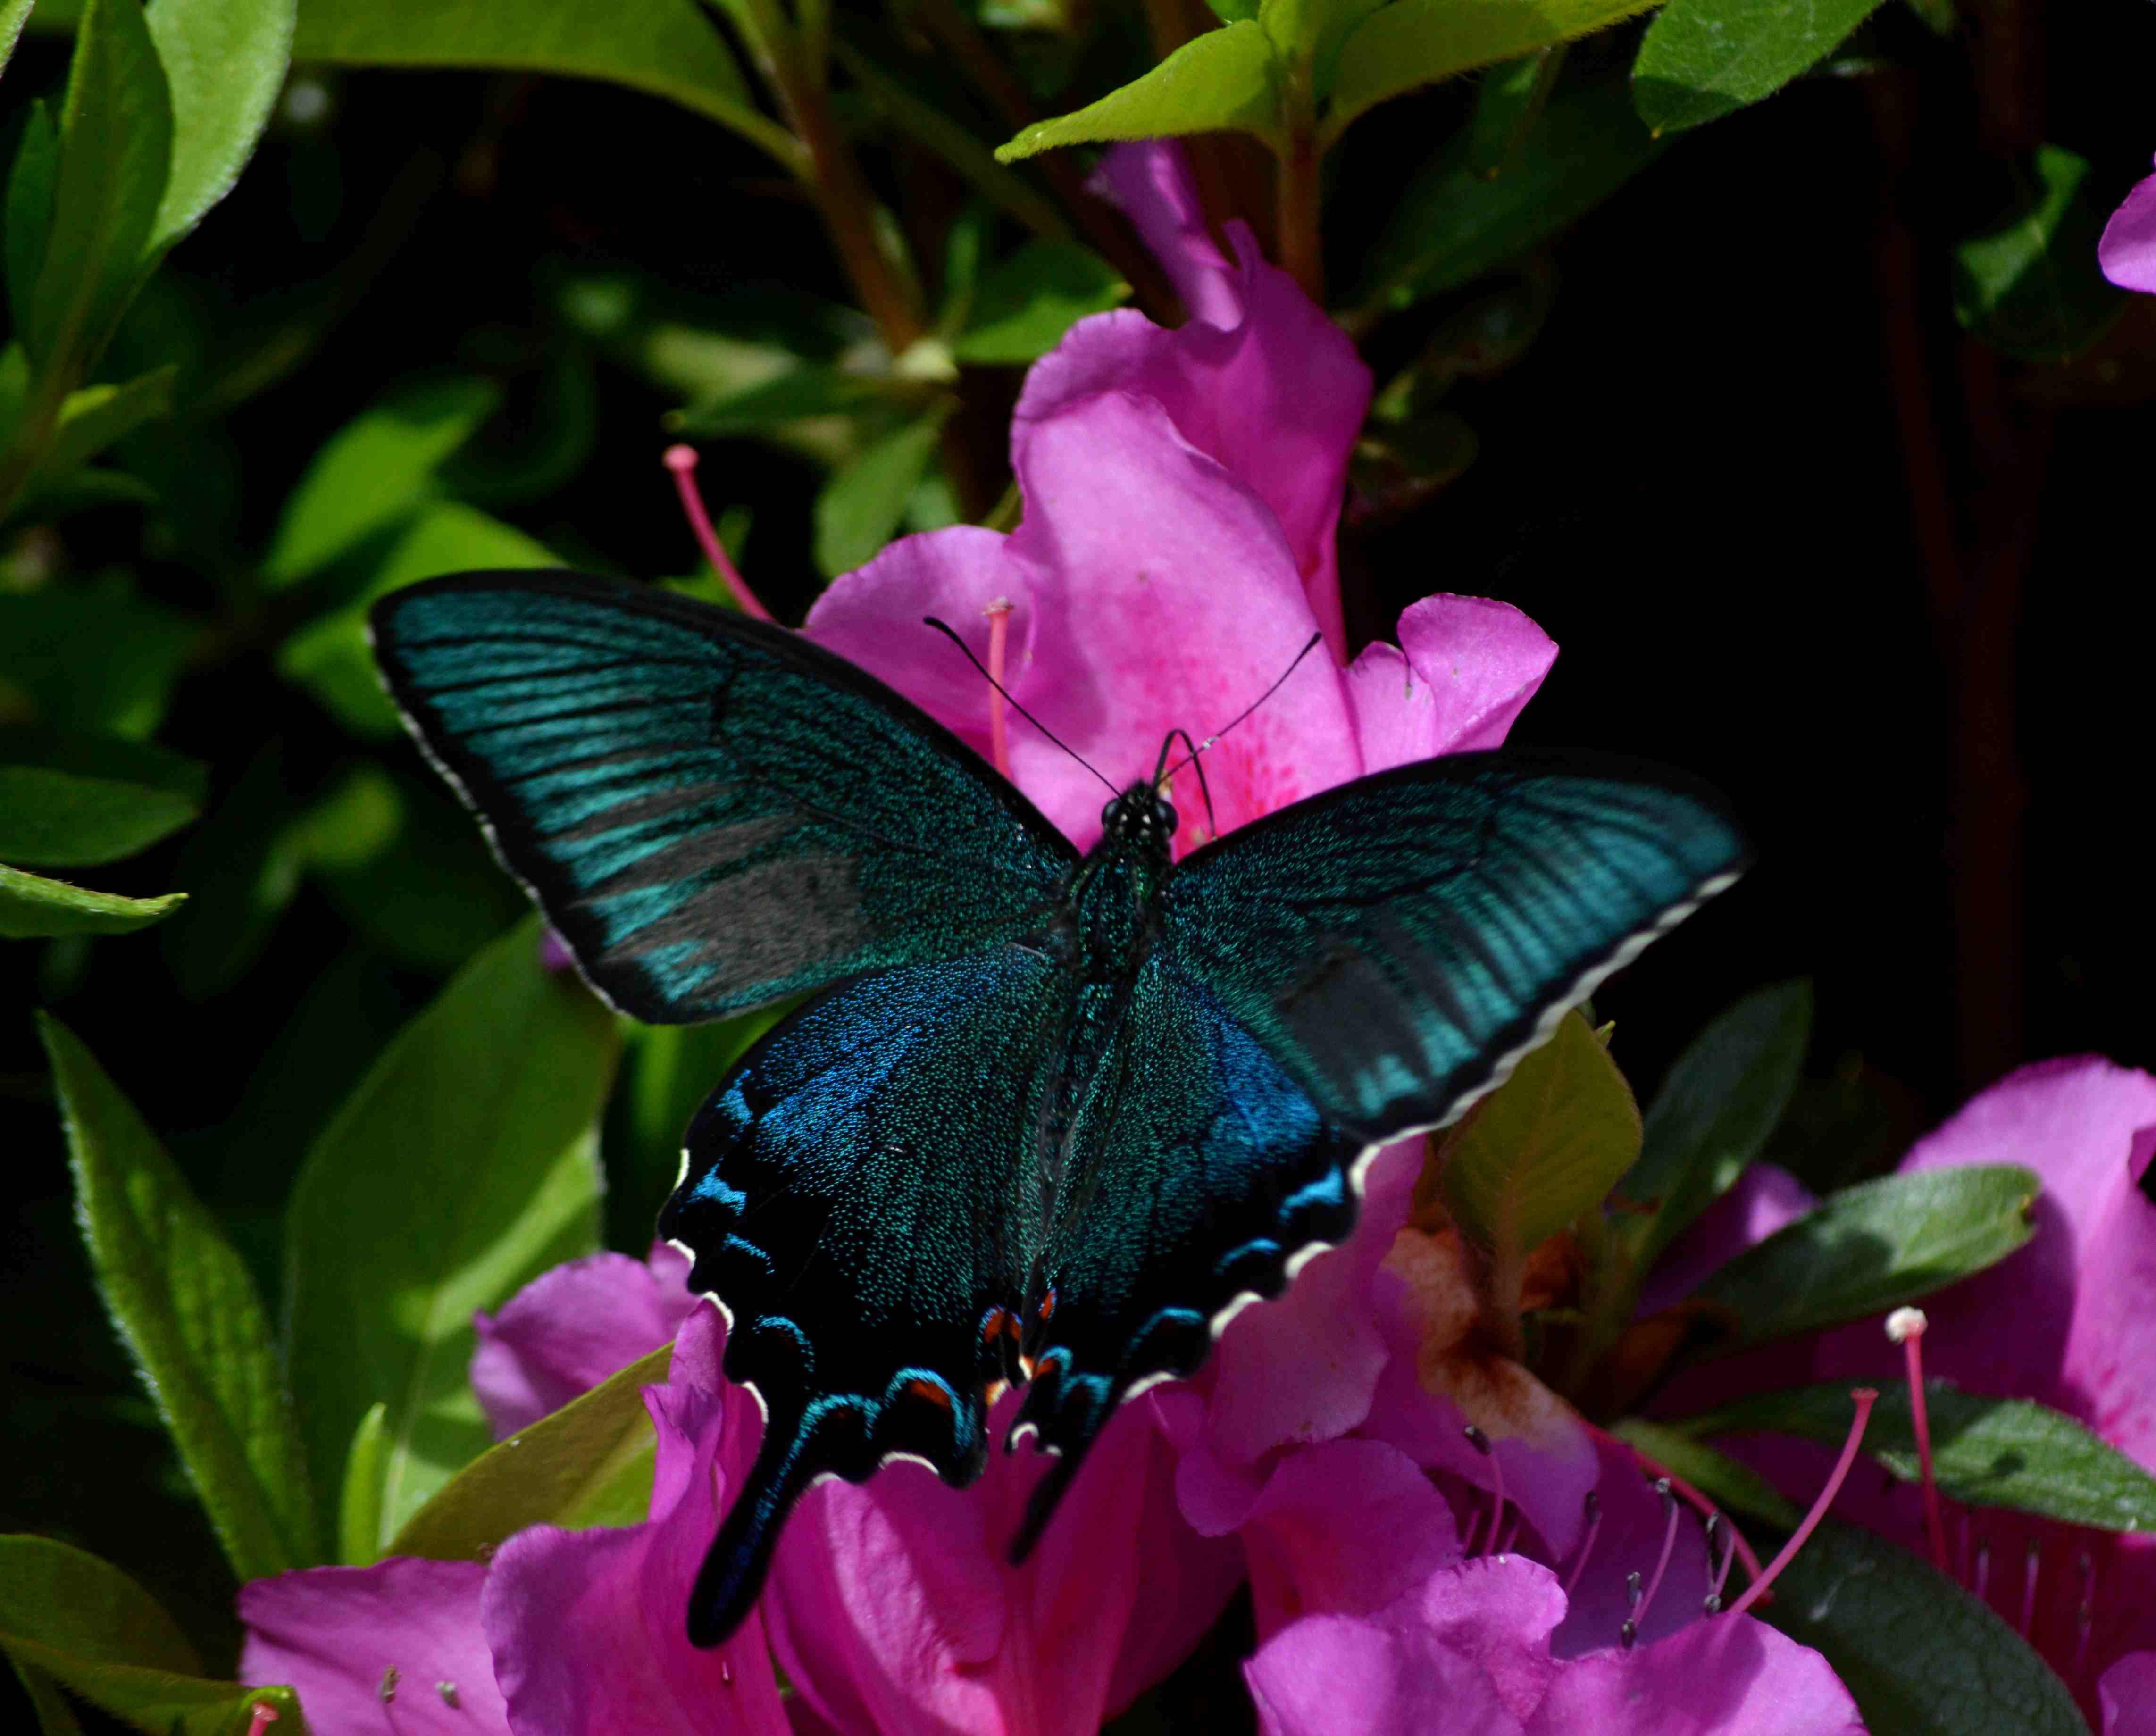 カラスアゲハ 5月2日ツツジの咲く公園にて_d0254540_163407.jpg